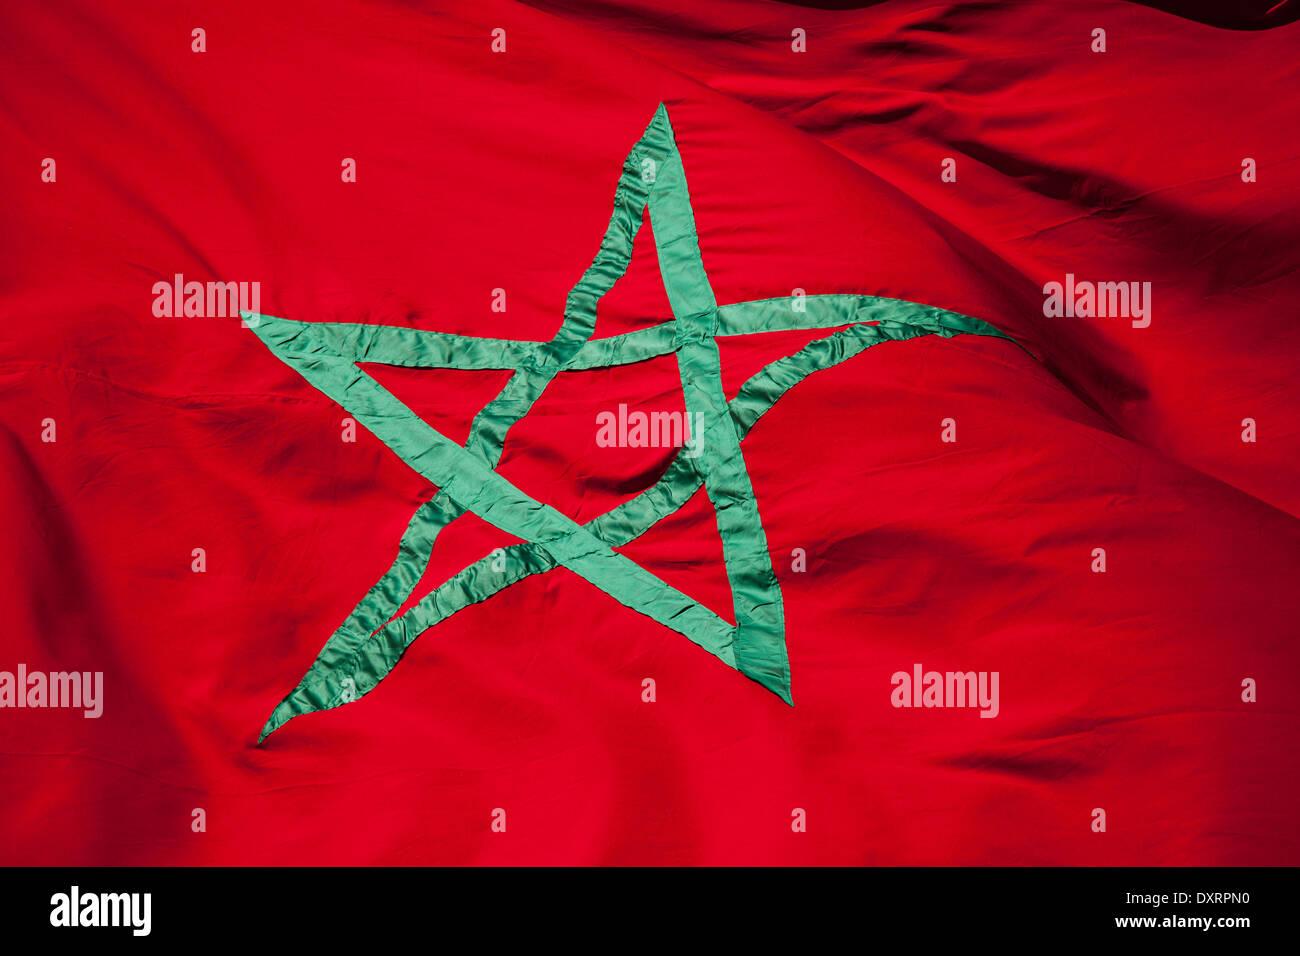 Bandiera Nazionale Del Marocco Stella Verde Su Sfondo Rosso Foto